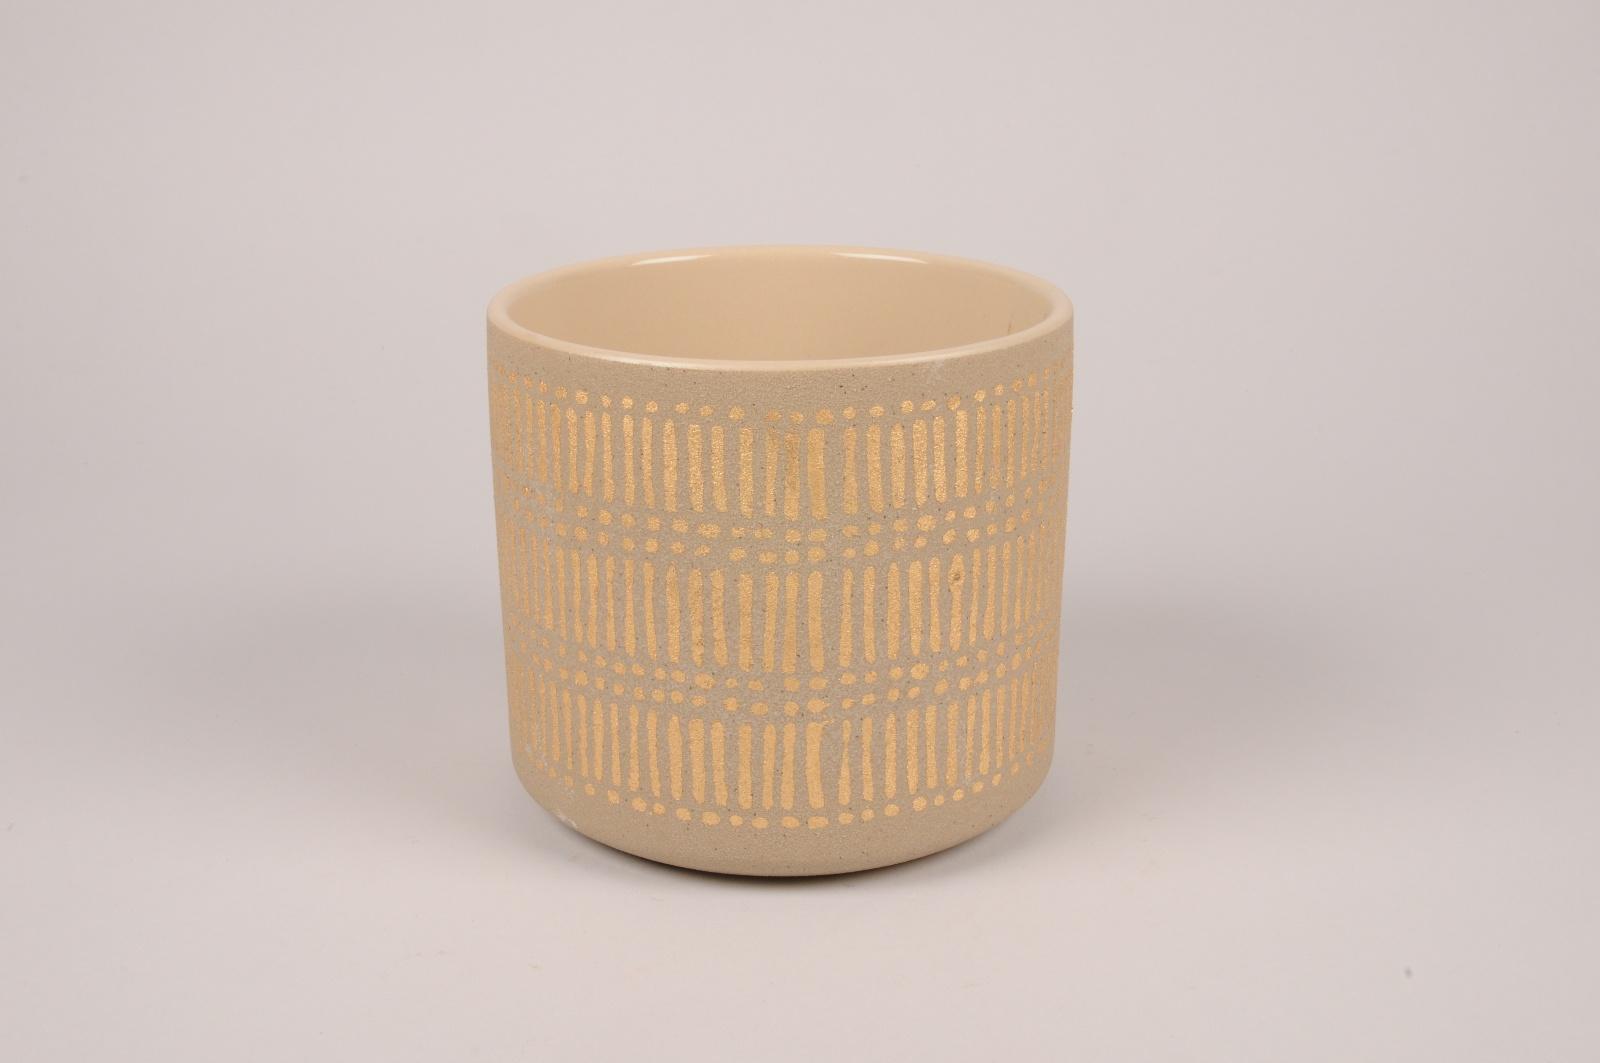 A029I4 Cache-pot en céramique taupe D16cm H14.5cm